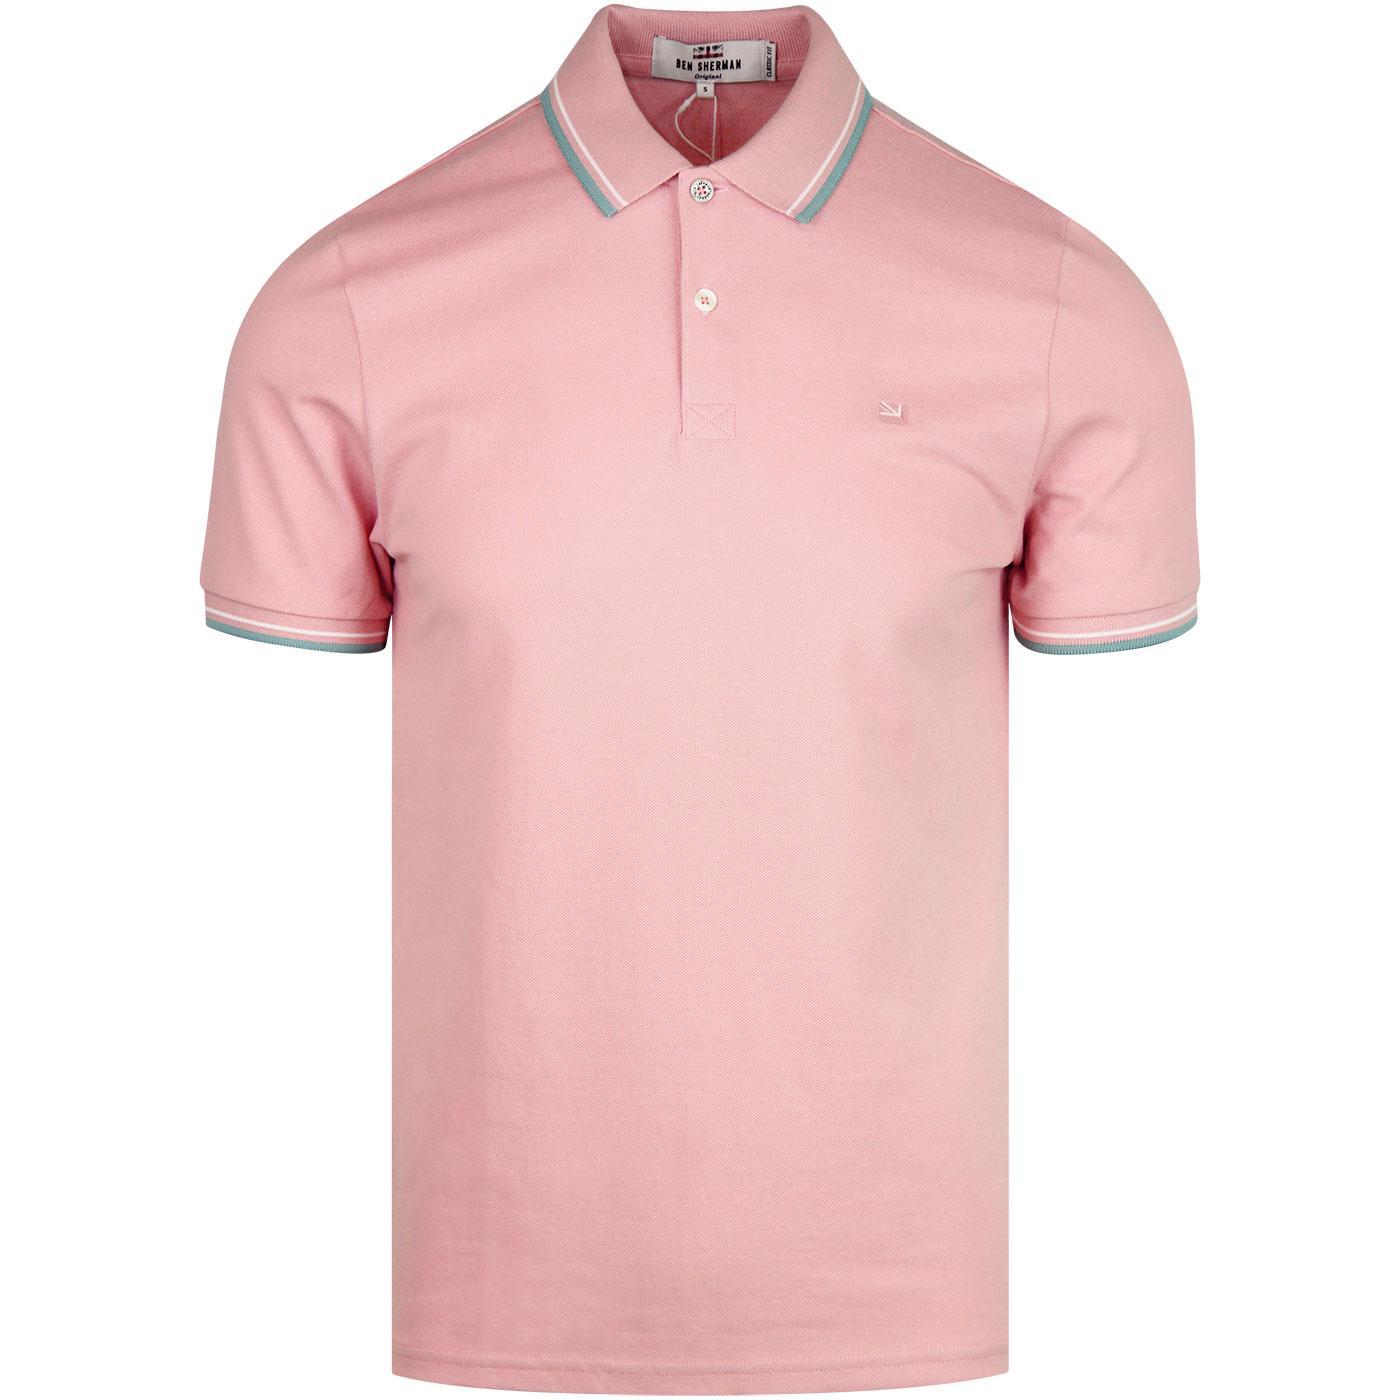 Romford BEN SHERMAN Mod Tipped Polo (Pale Pink)